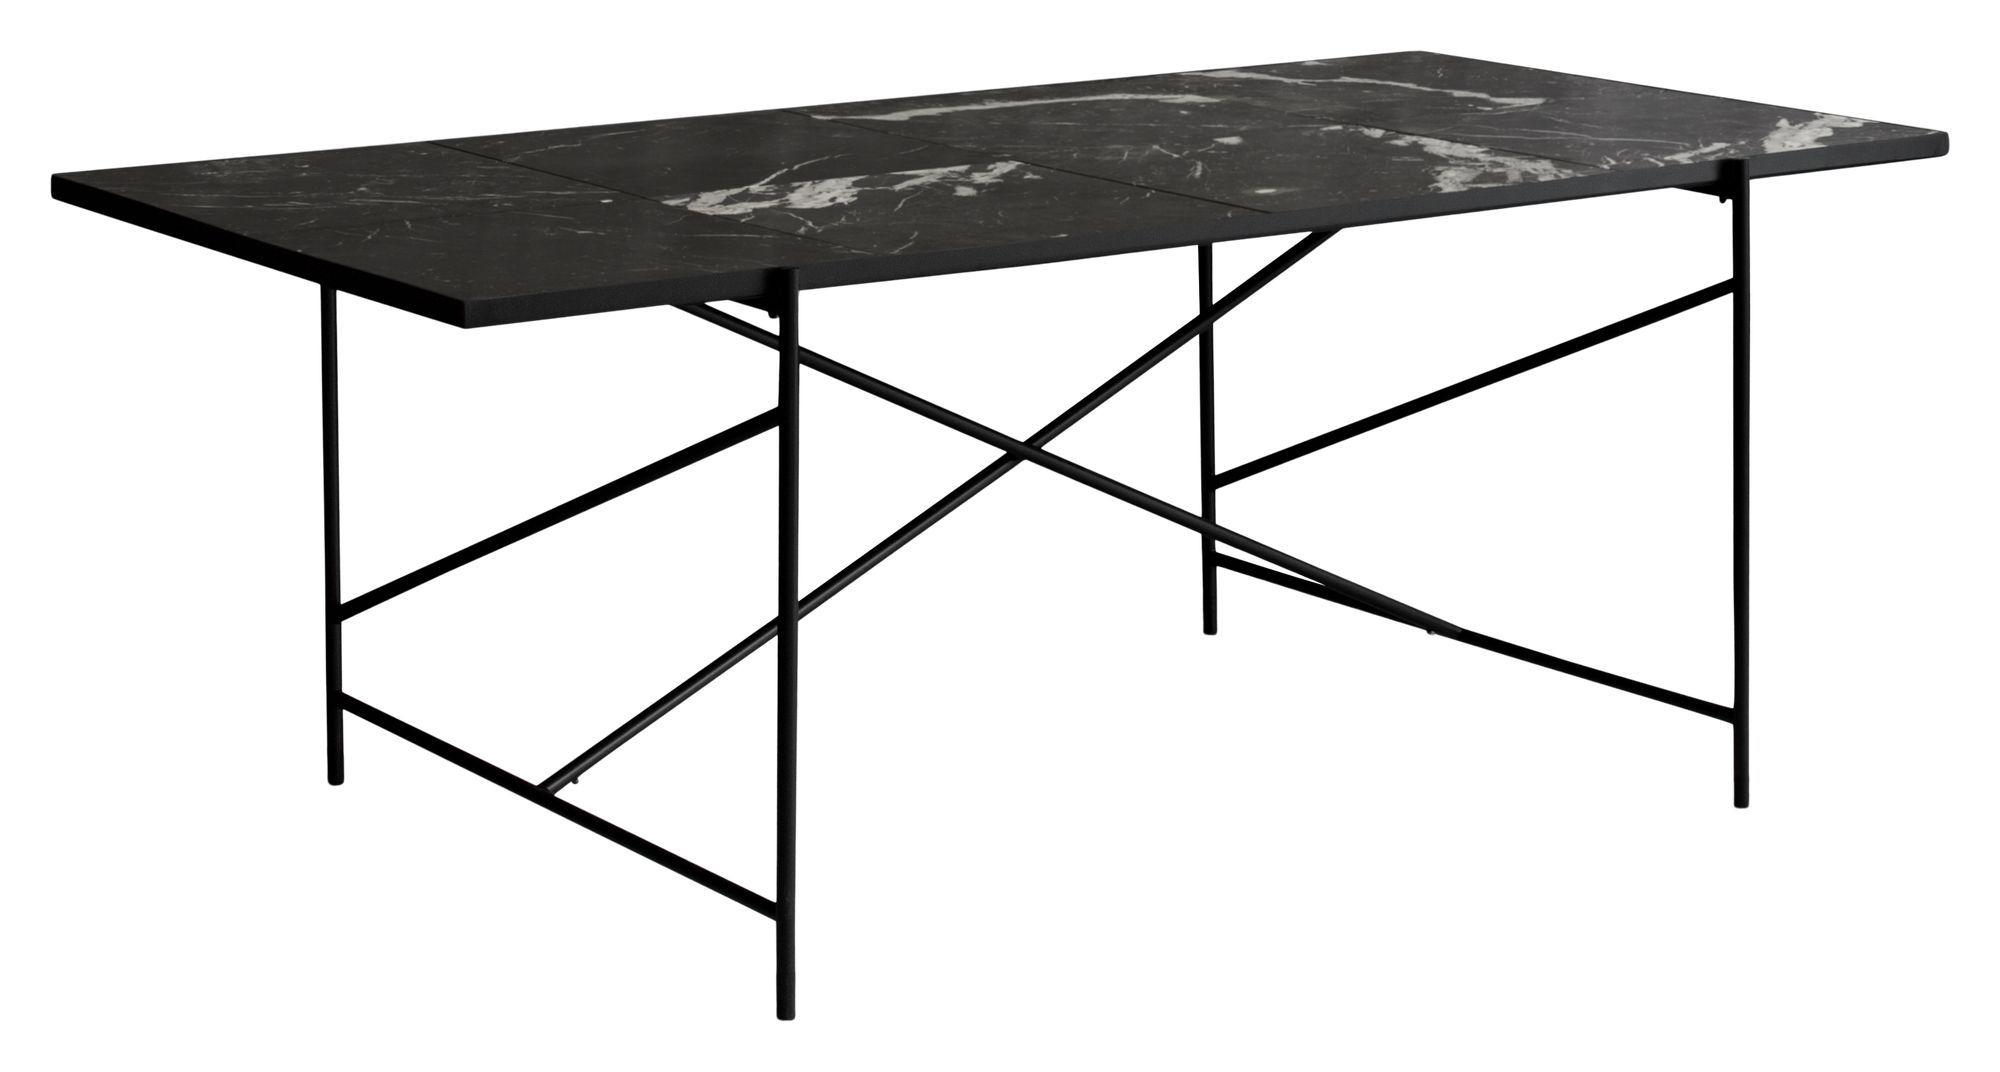 HANDVÄRK Spisebord 184x96 - Sort Marmor, sort stel - Spisebord med sort marmor